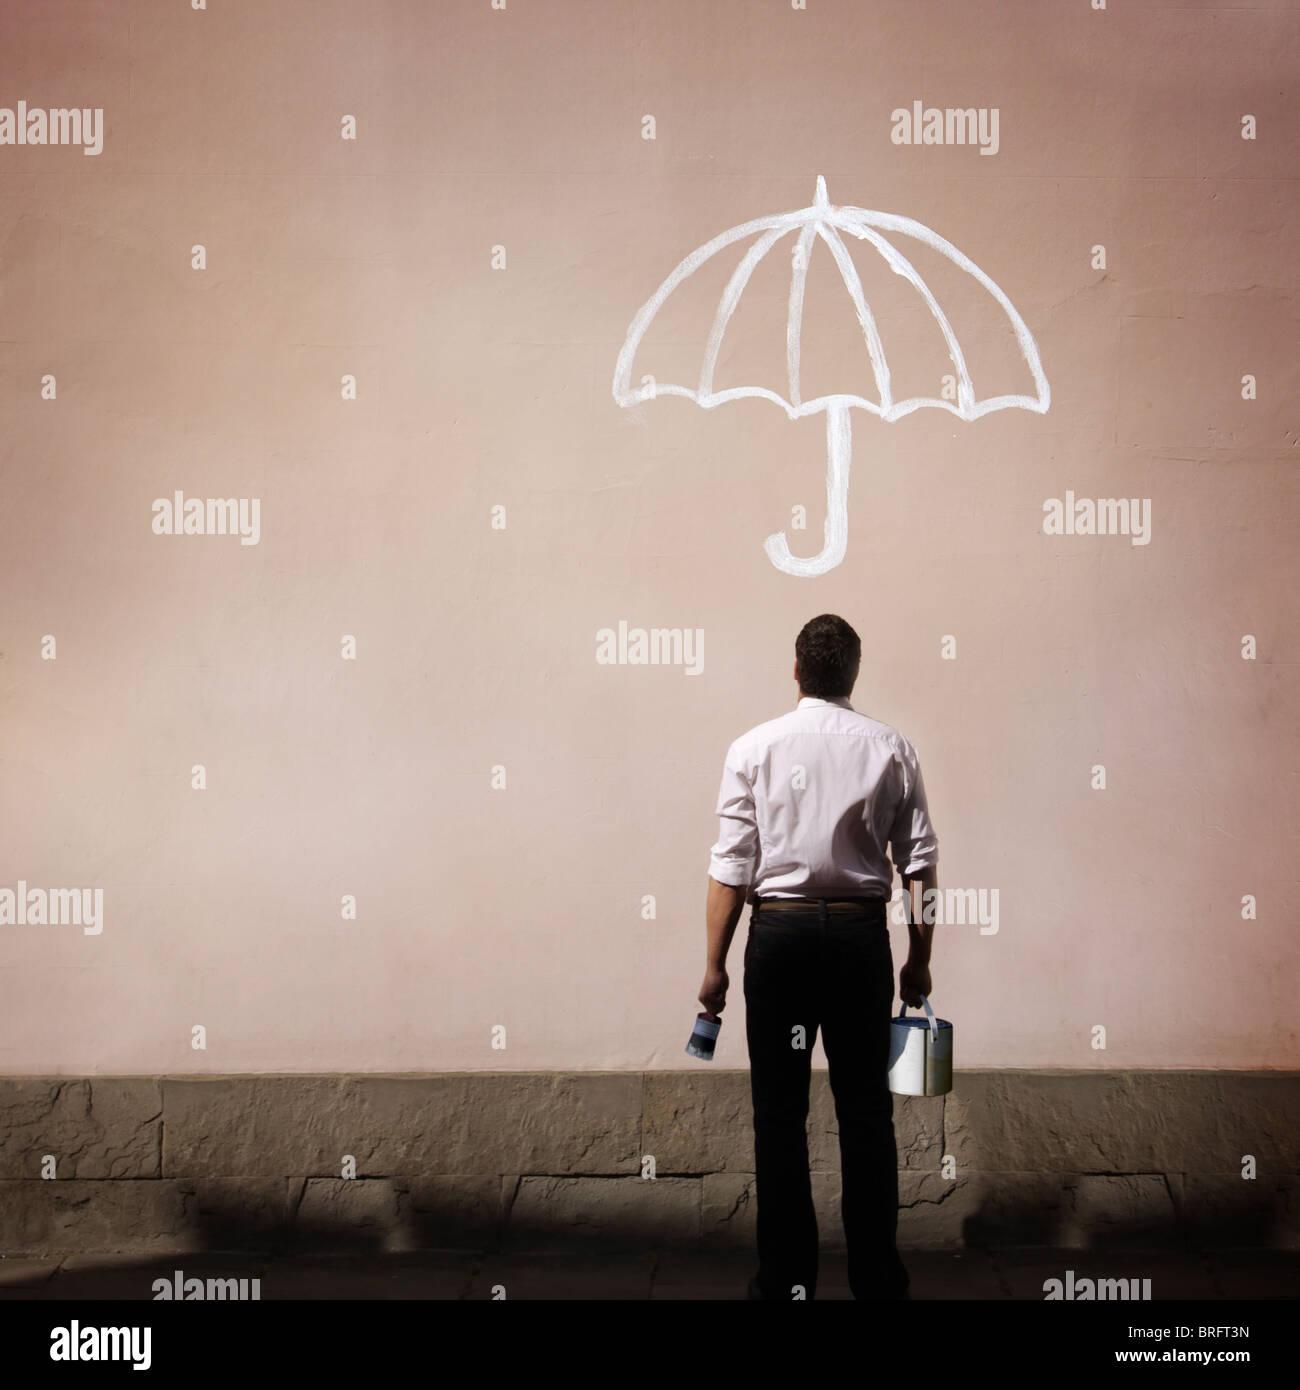 Mann hält Farbtopf Blick auf eine Wand mit Regenschirm gemalt Stockbild